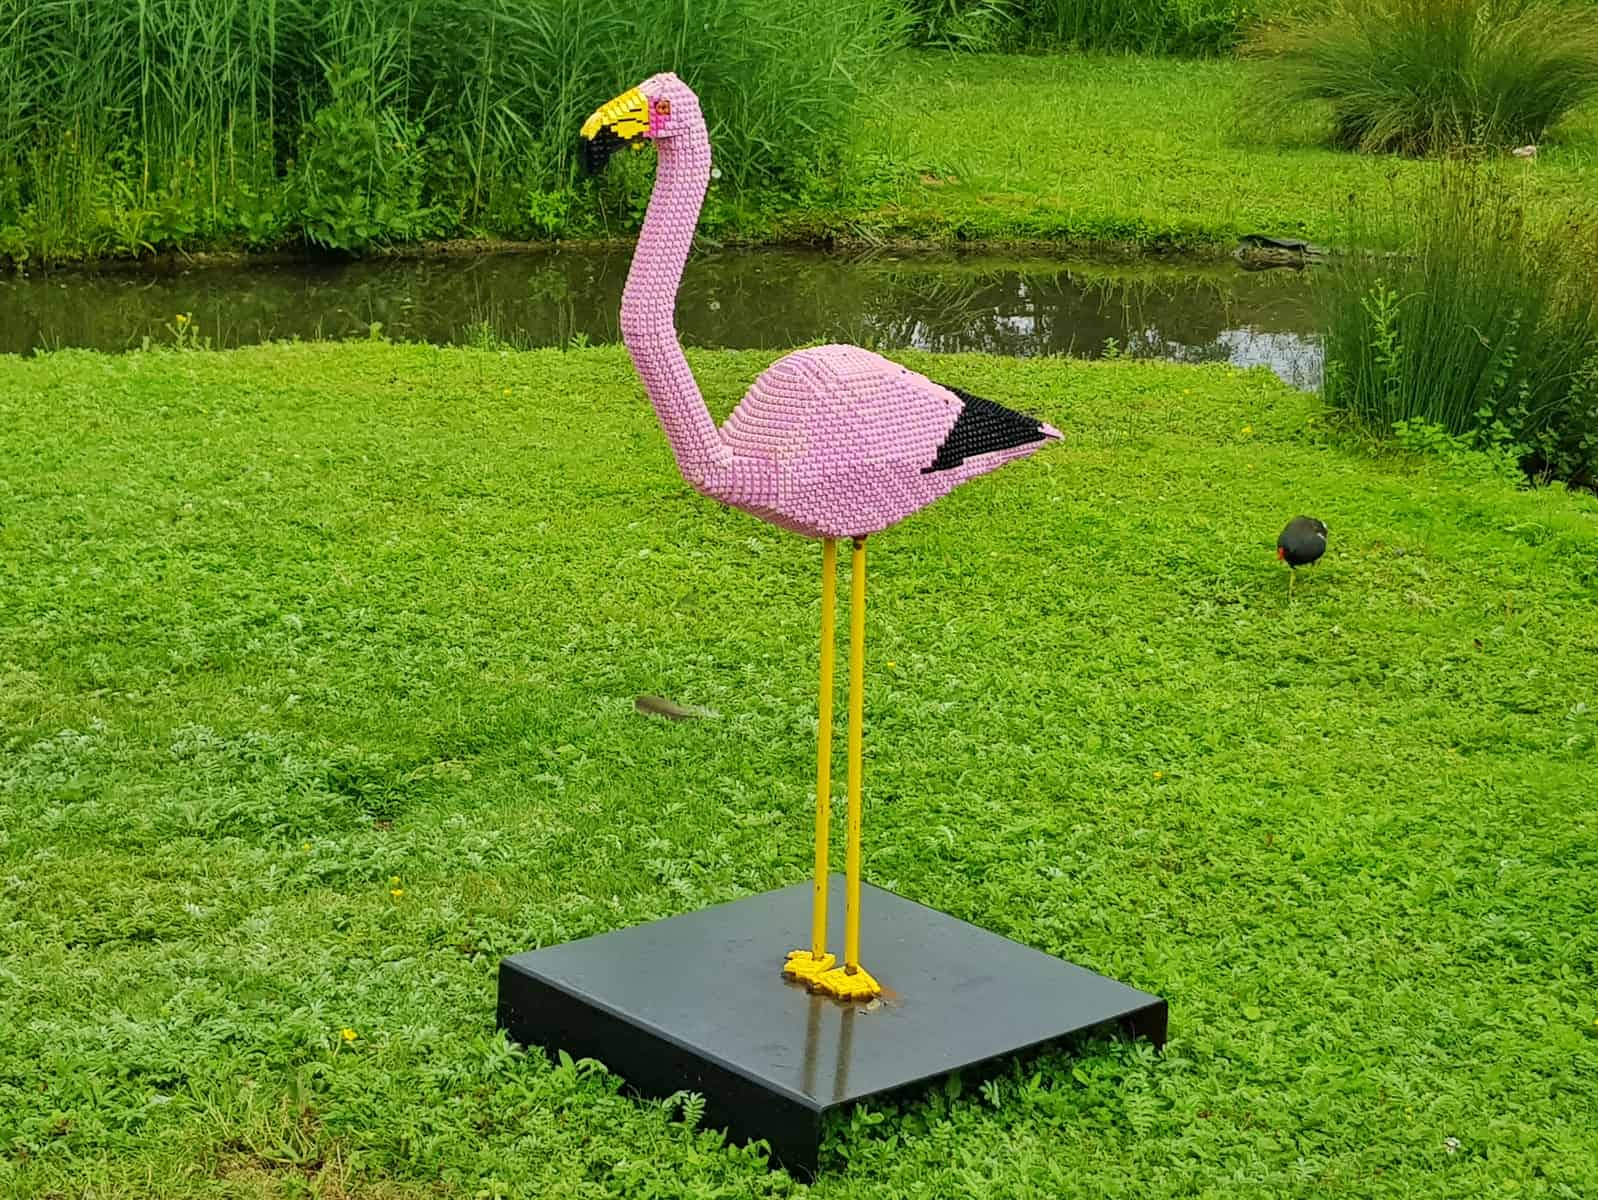 WWT Slimbridge, Gloucestershire - giant lego flamingo